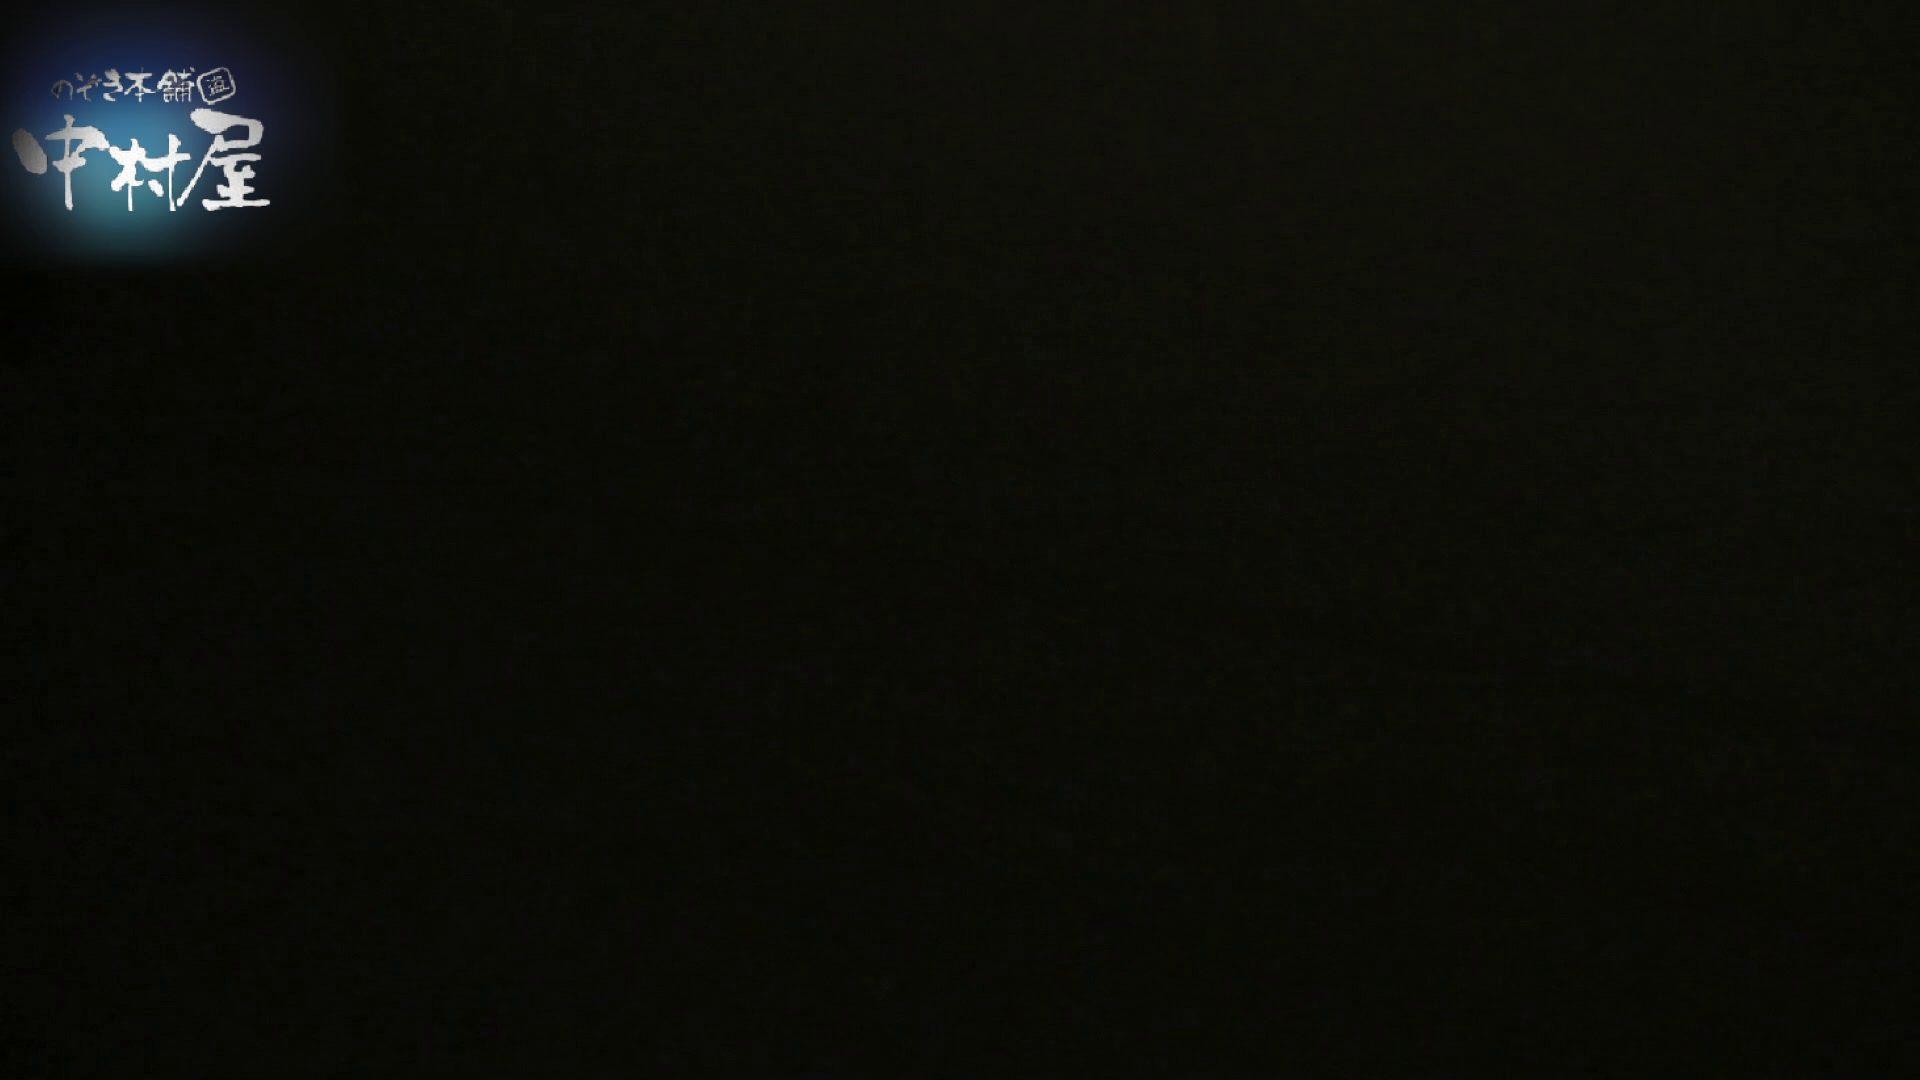 乙女集まる!ショッピングモール潜入撮vol.06 和式トイレ ヌード画像 86pic 59